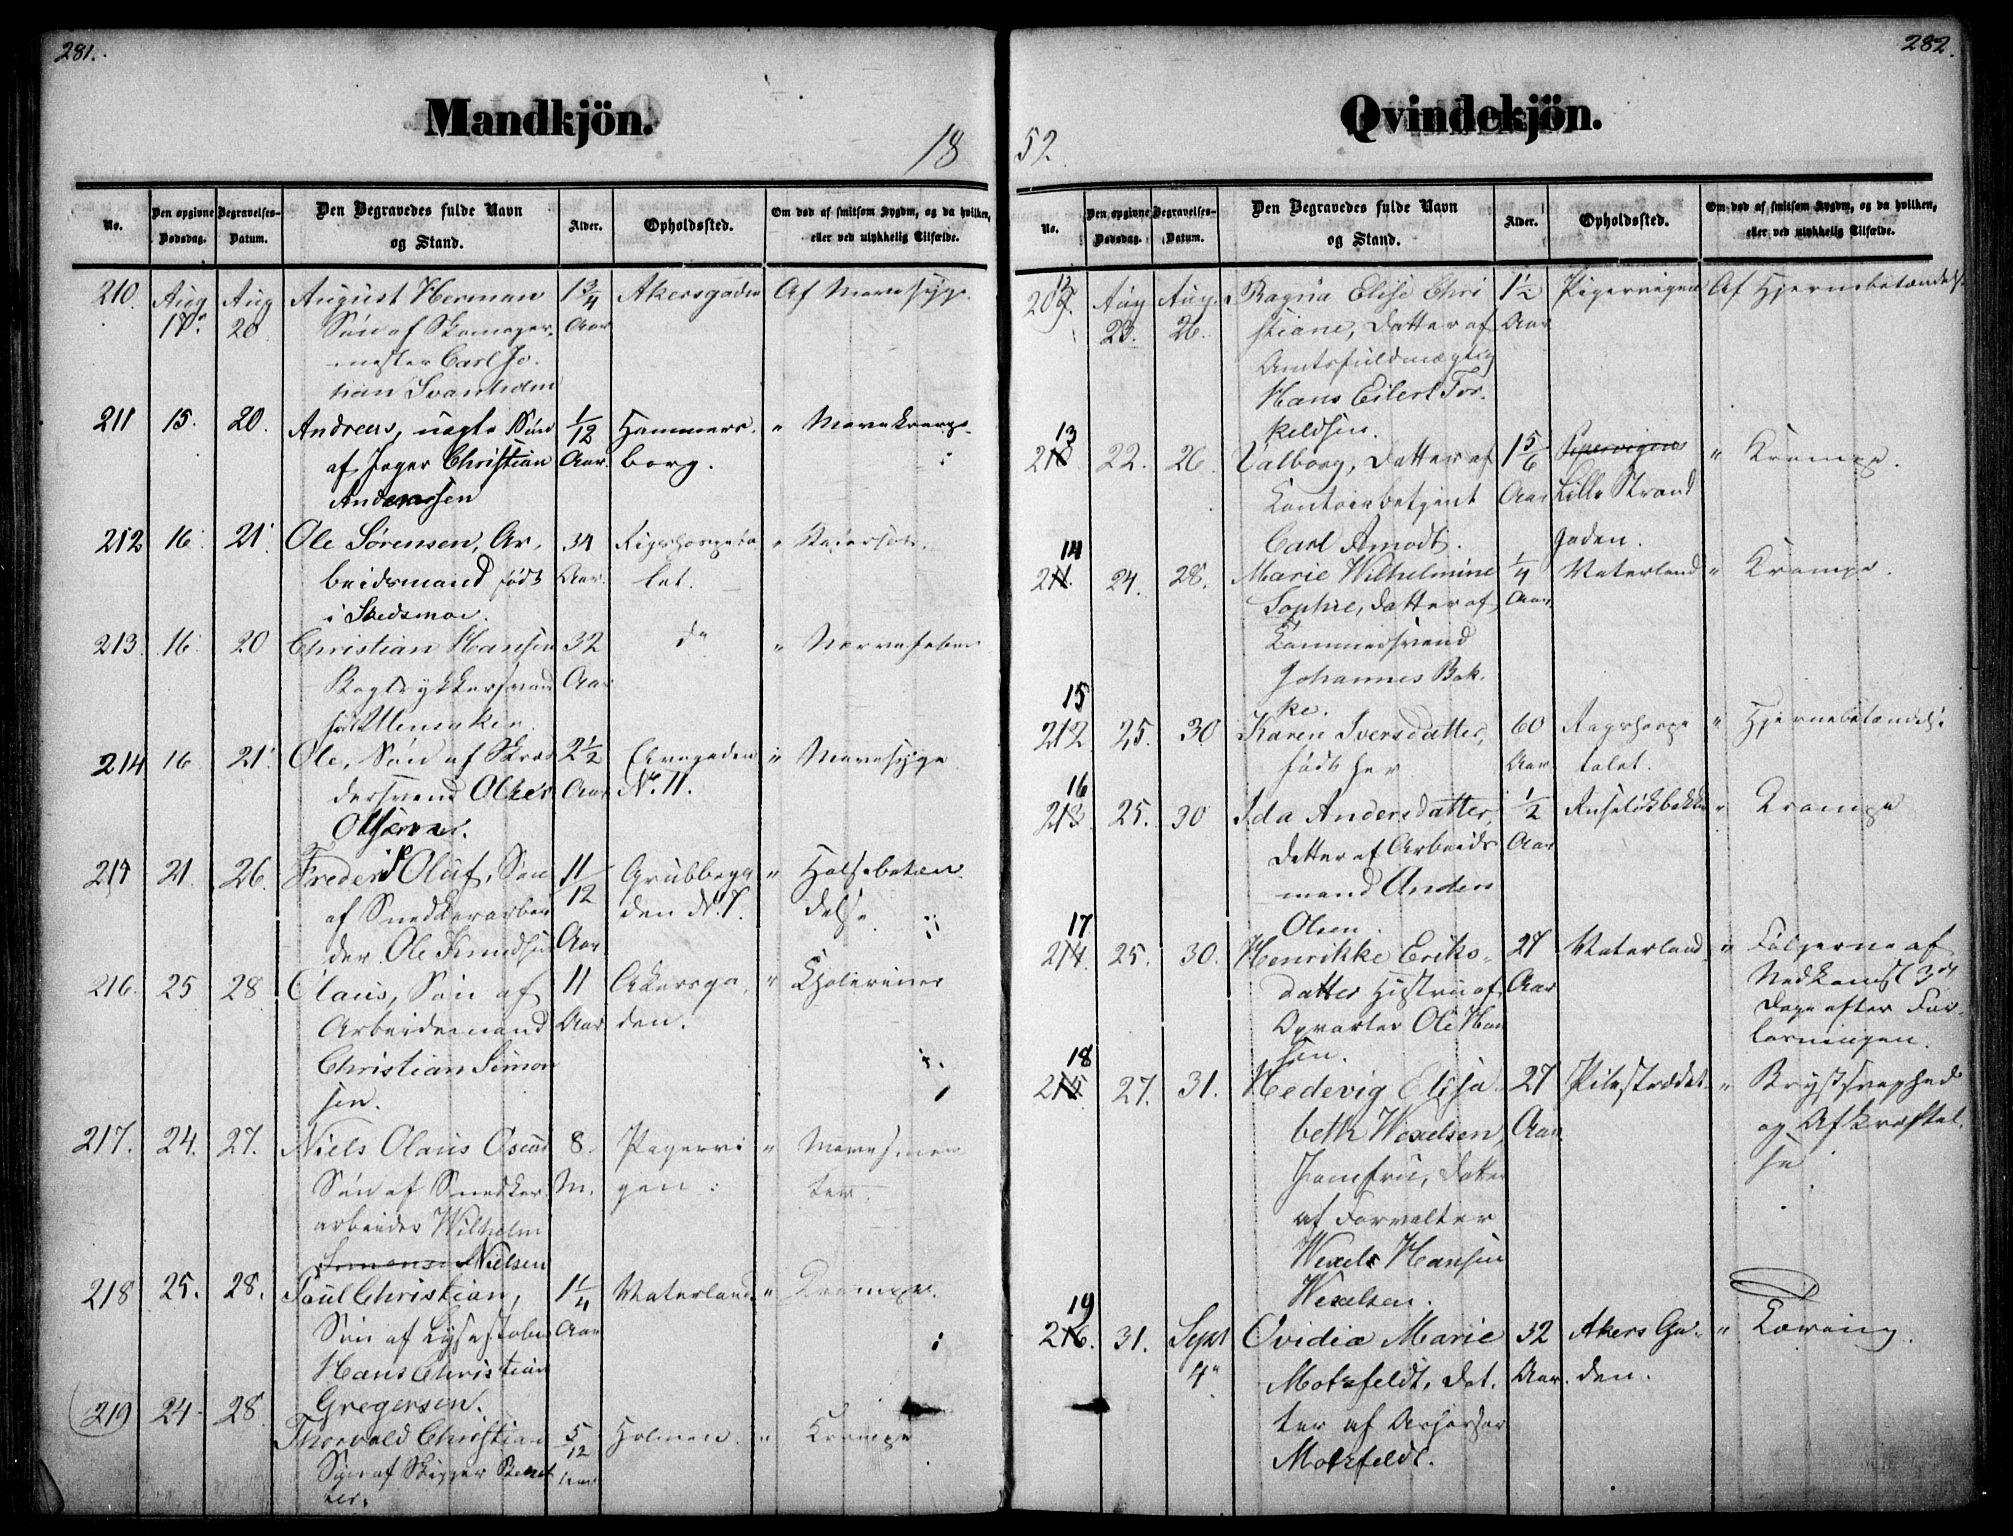 SAO, Oslo domkirke Kirkebøker, F/Fa/L0025: Ministerialbok nr. 25, 1847-1867, s. 281-282